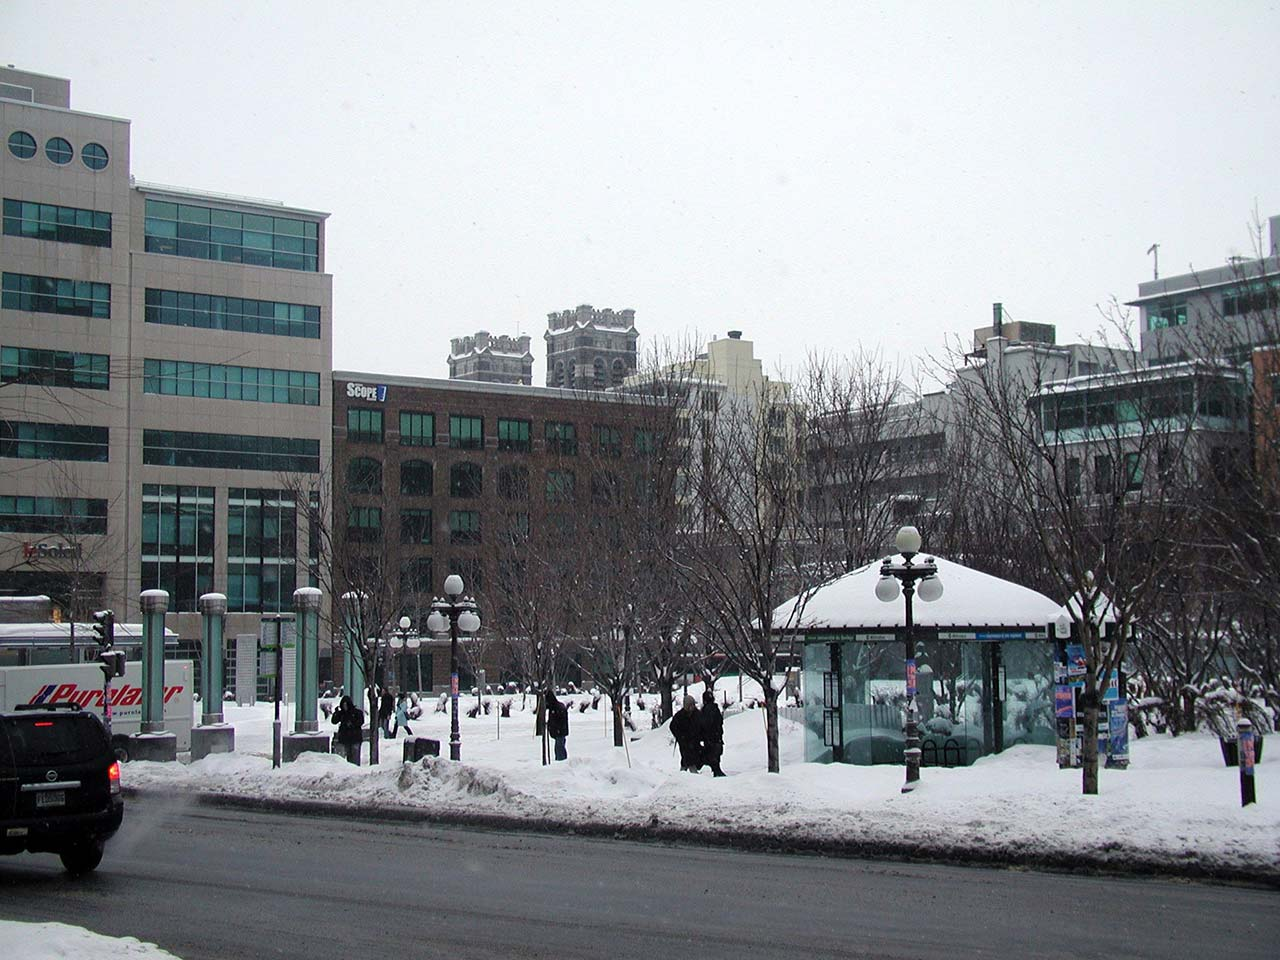 Lugares para se hospedar em Quebec City